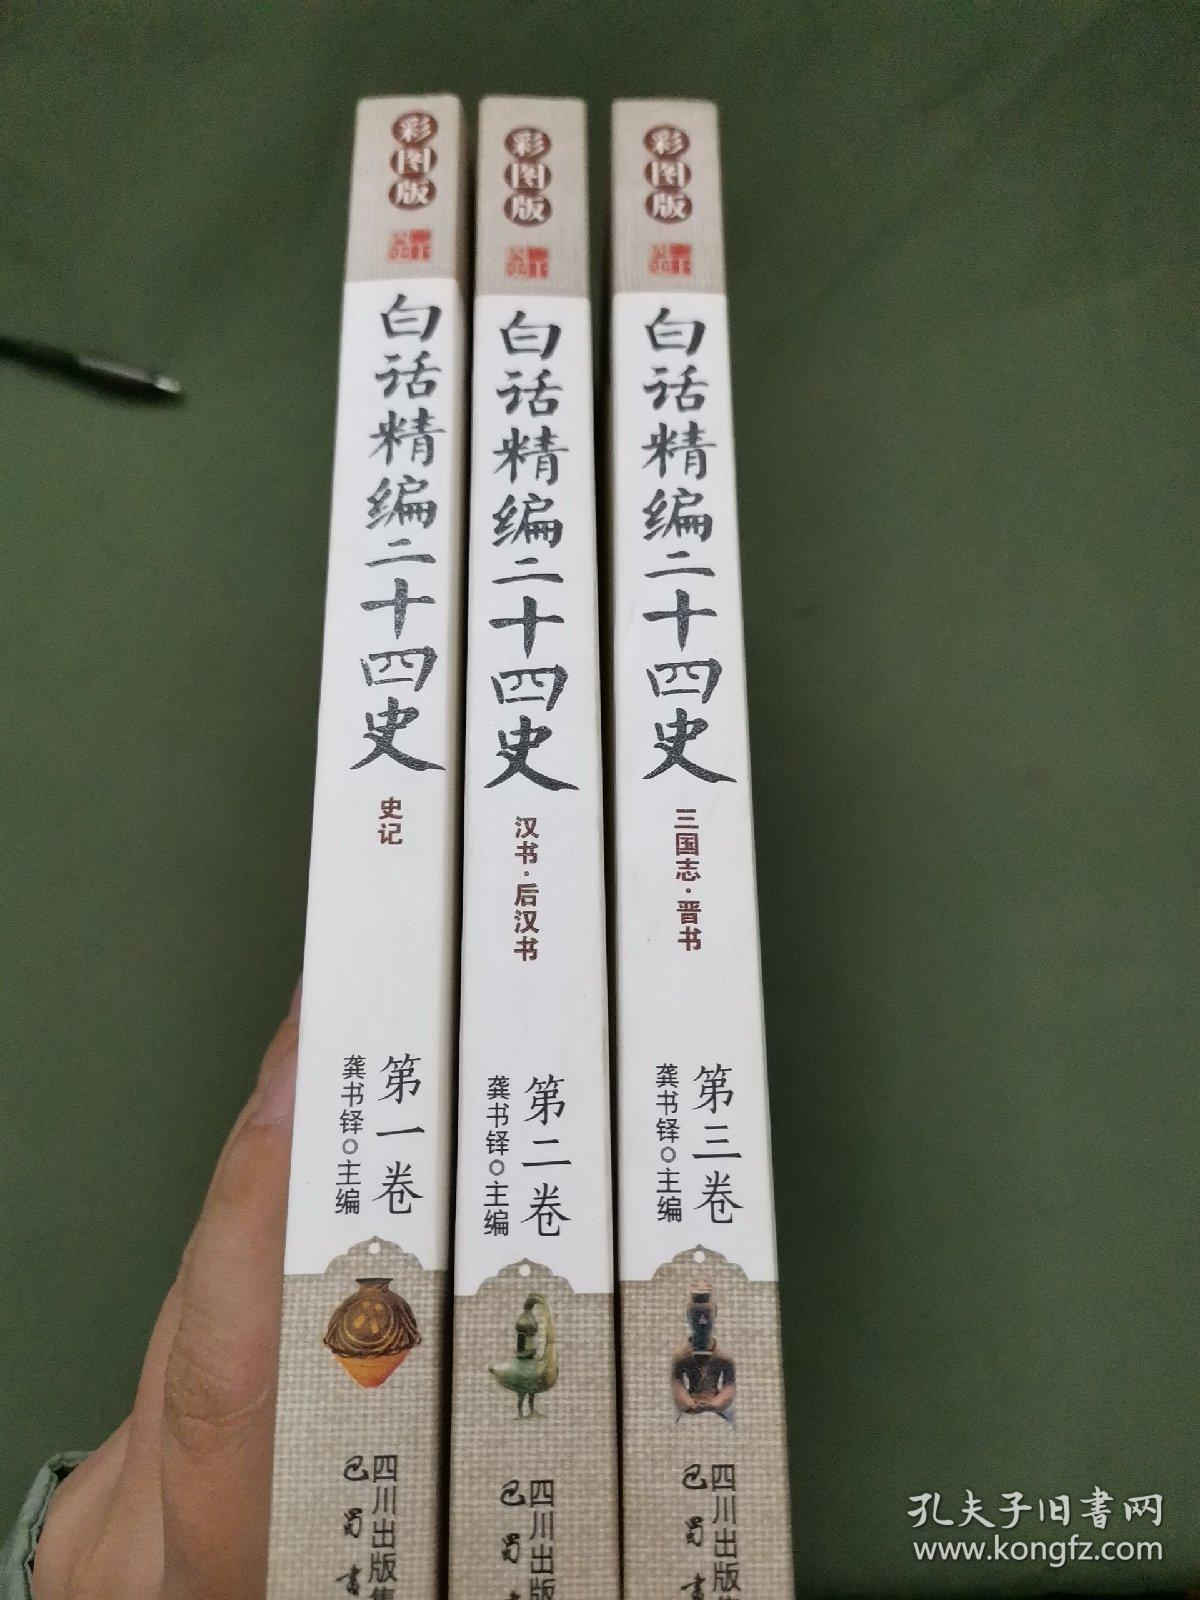 白话精编二十四史:史记+三国志 晋书+汉书  后汉书(3册)